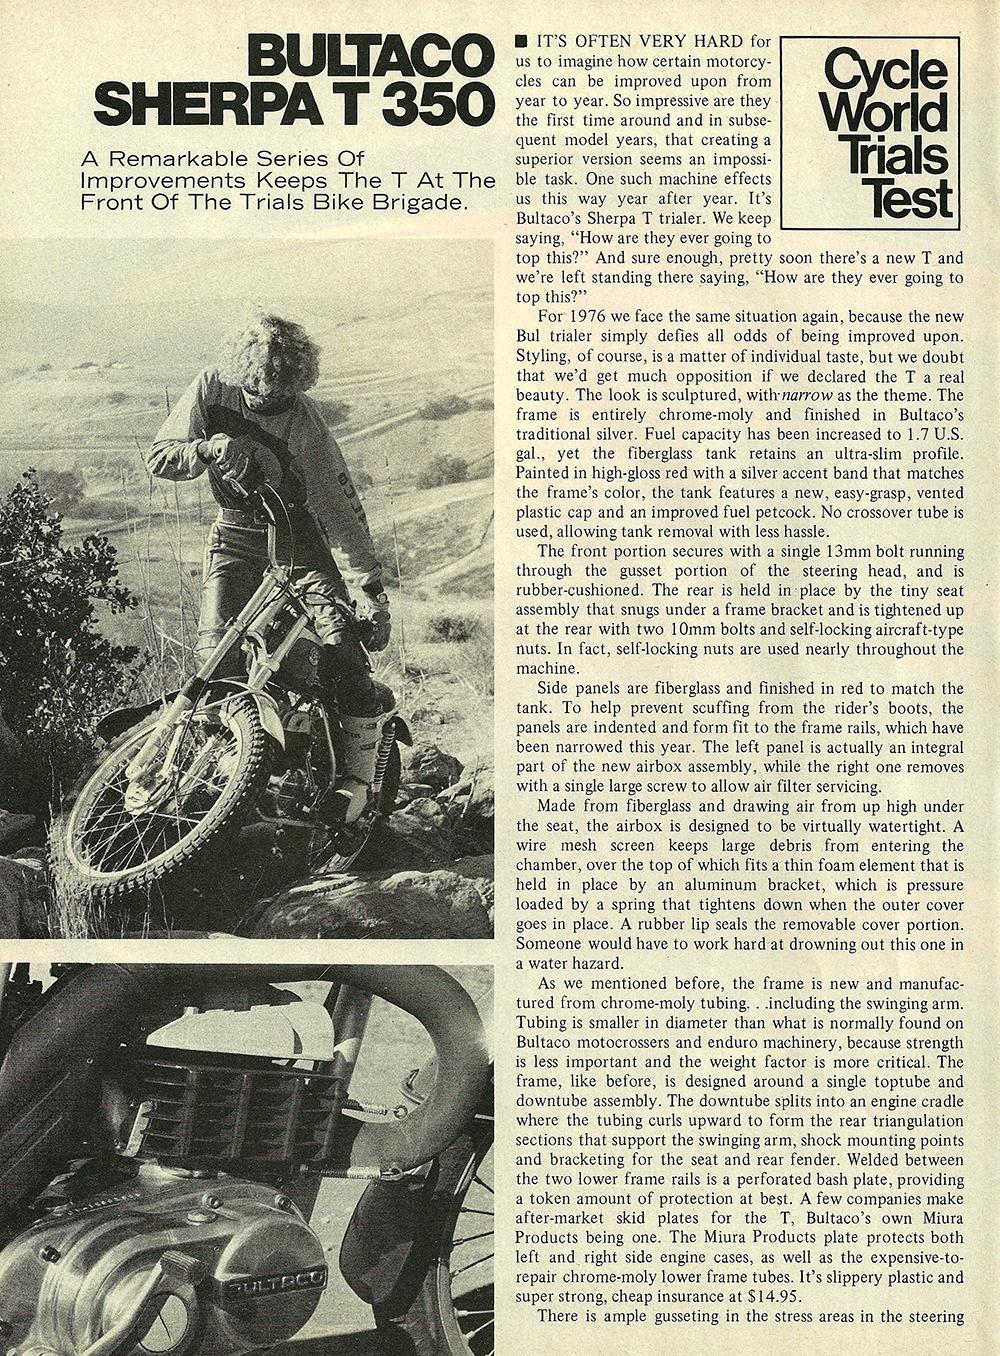 1976 Bultaco Sherpa T 350 road test 01.jpg